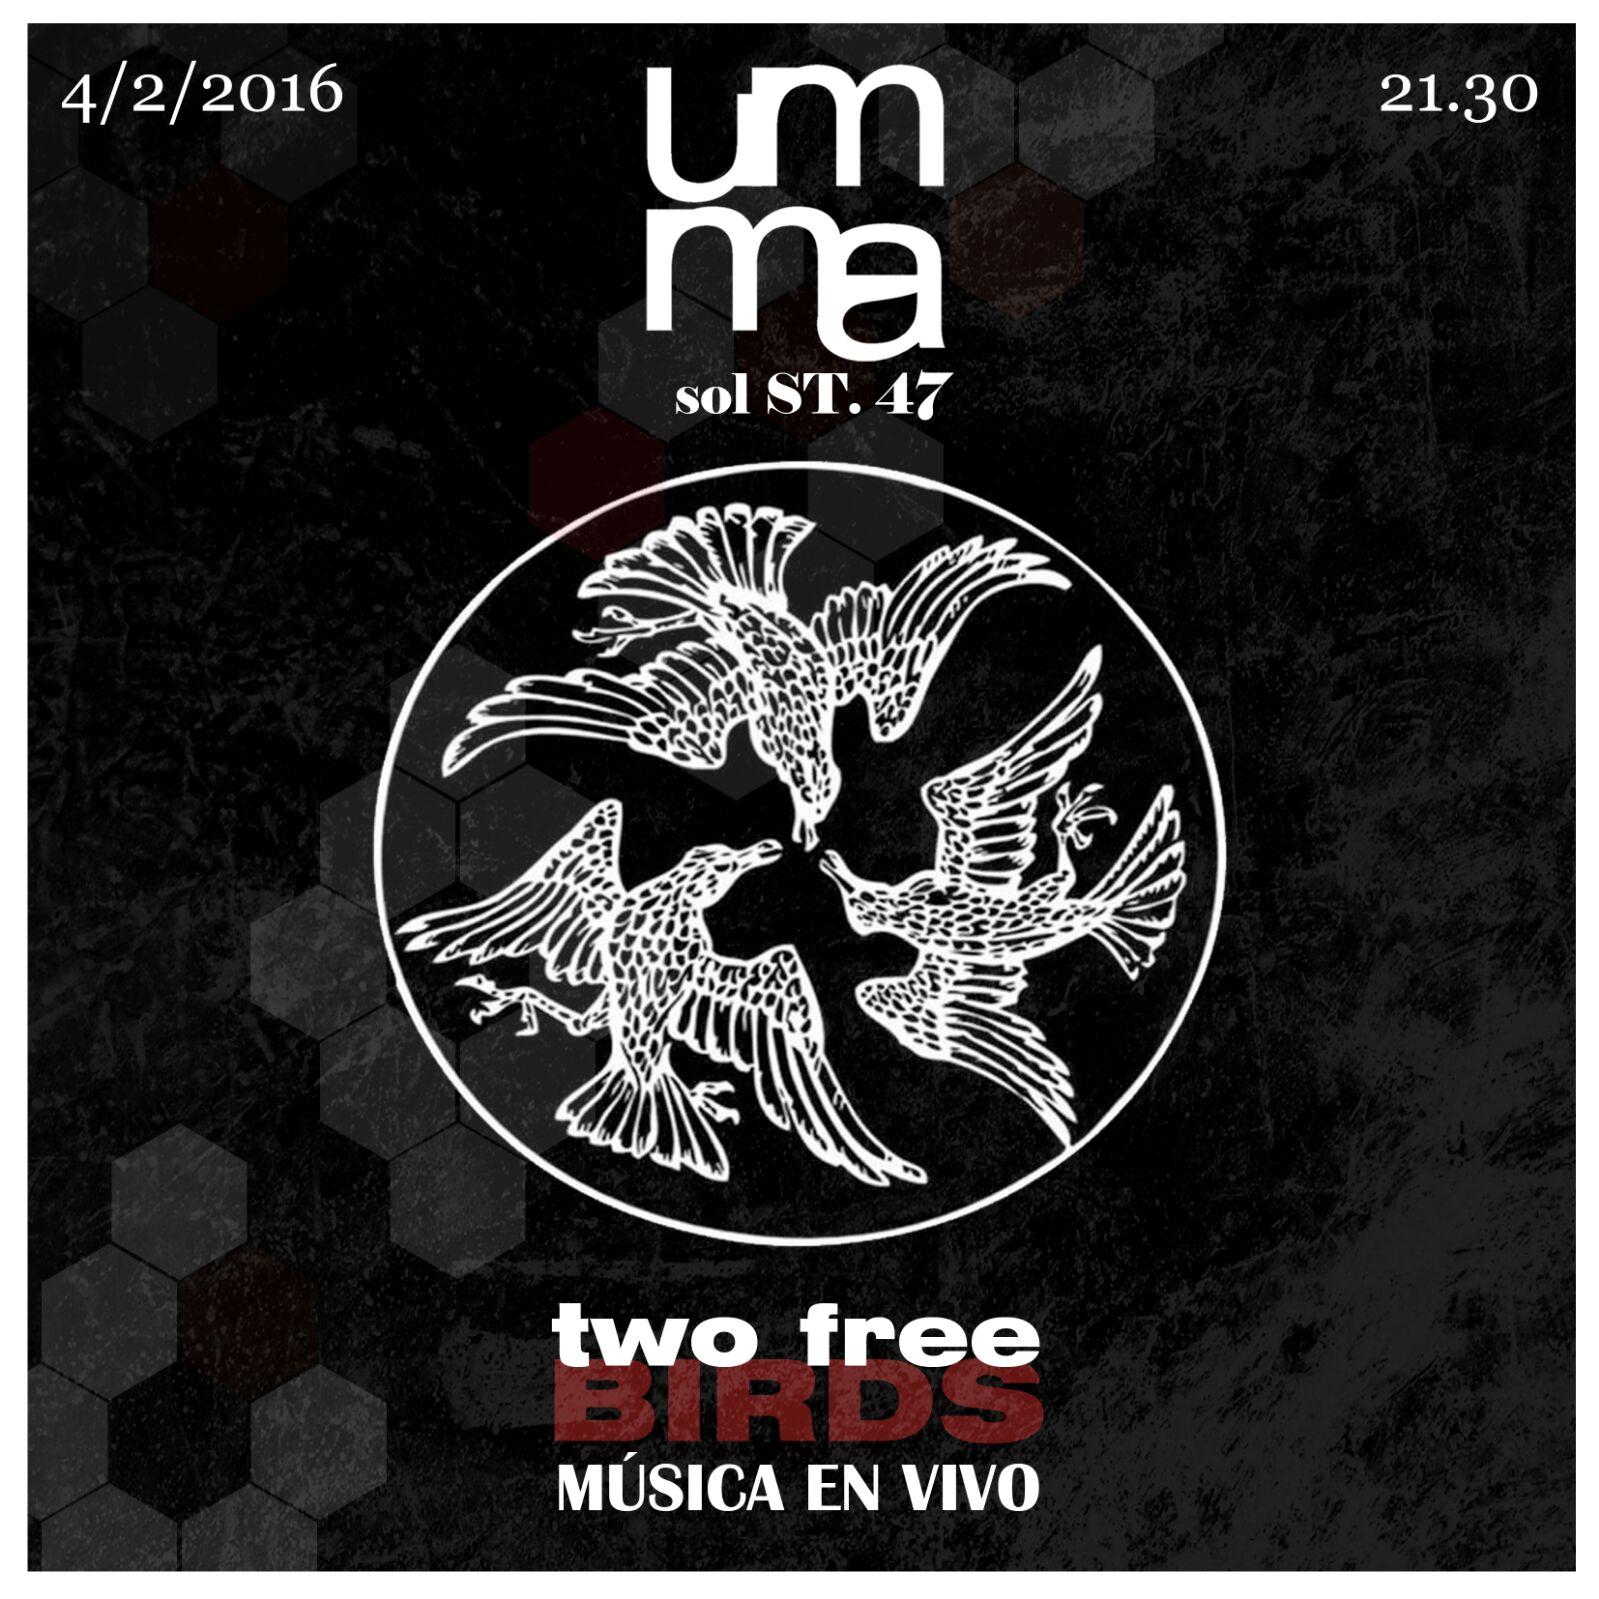 Cada jueves en el restaurante UMMA hay música en directo.